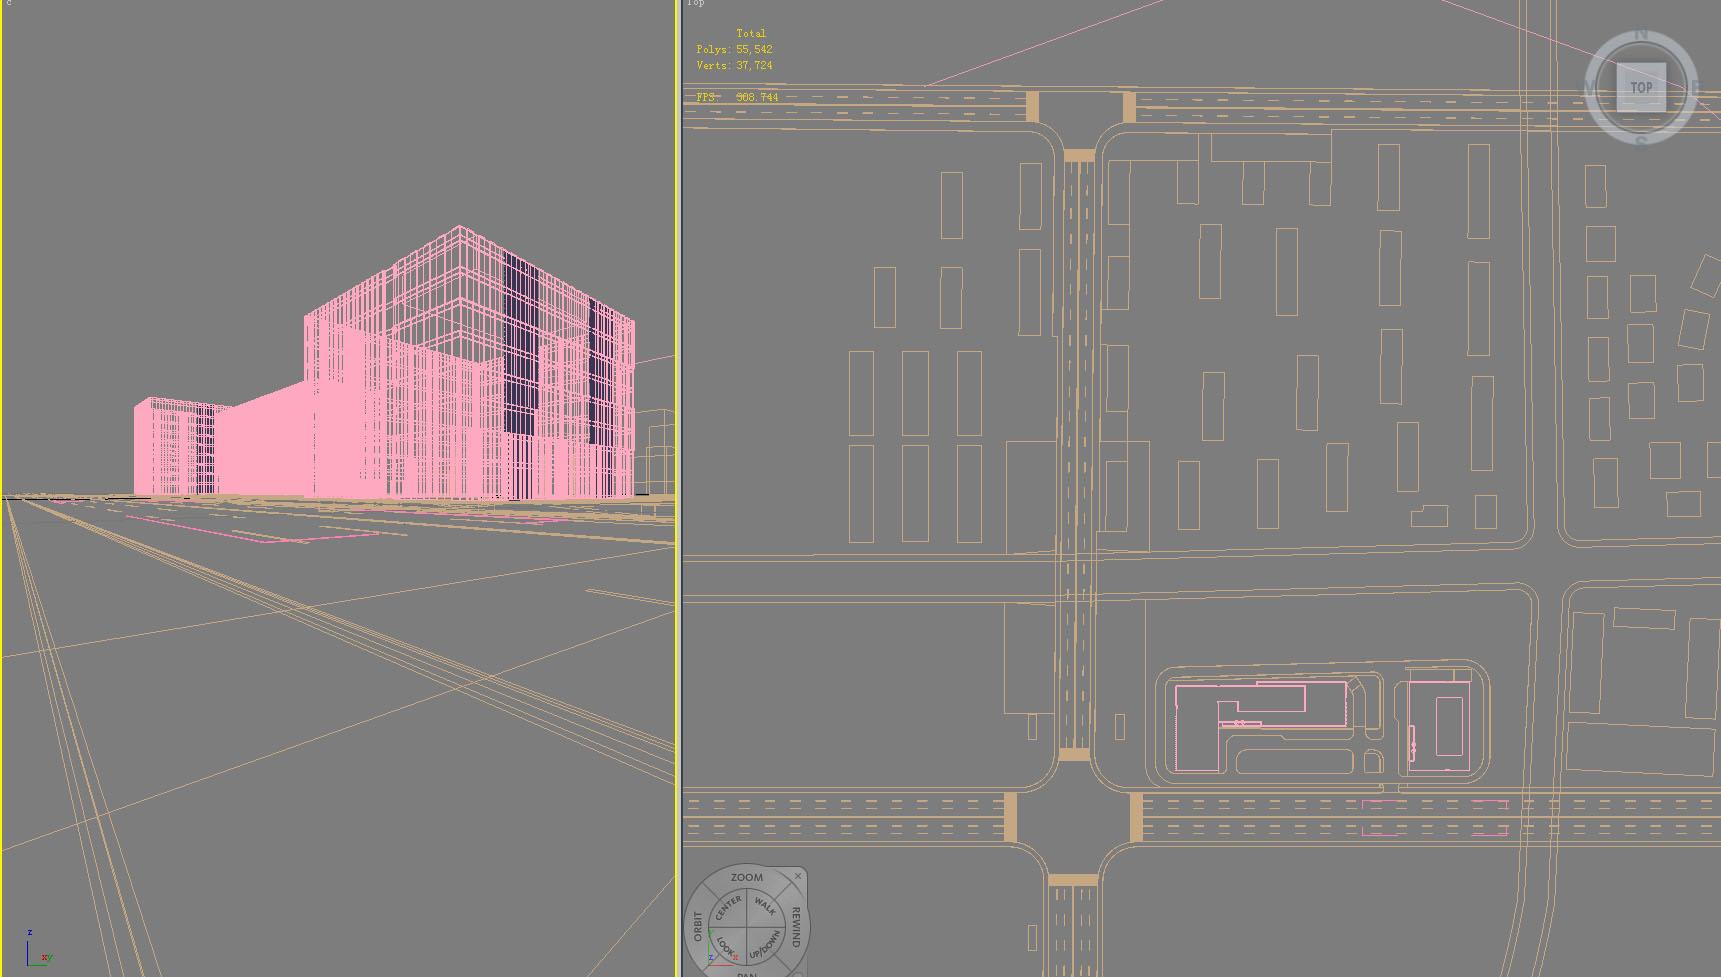 building 832 3d model max psd 123238